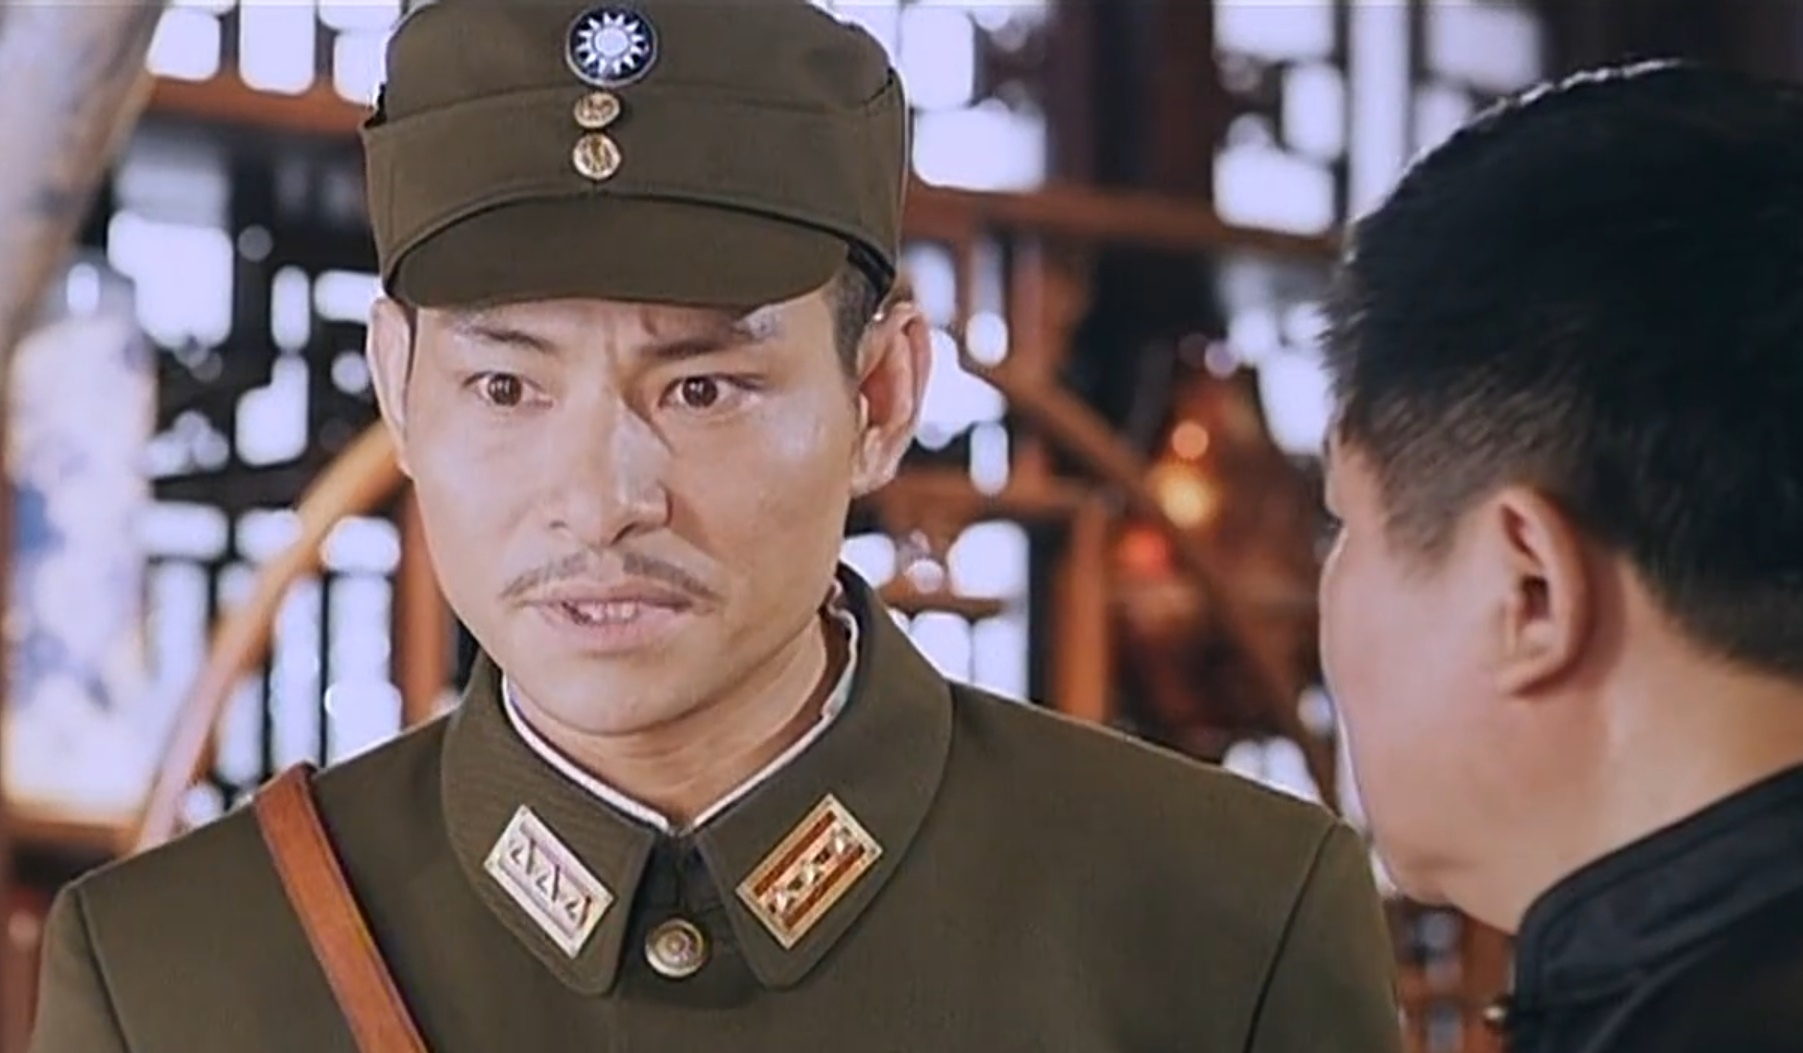 陈启抓住刘政委,李剑为解救刘政委,化身特派员